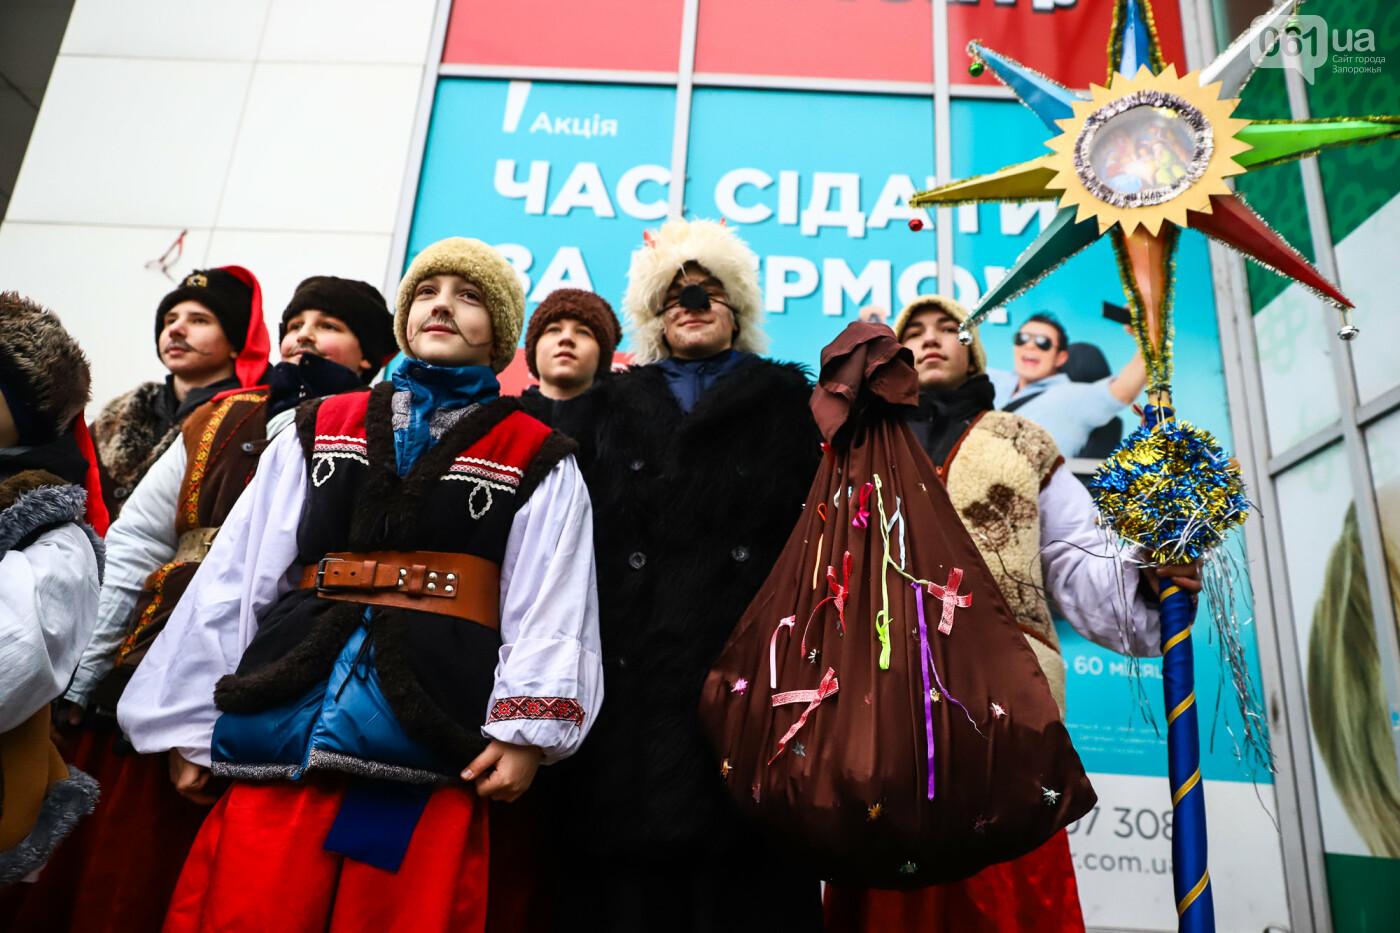 Нечистая сила против казаков: на улицах Запорожья показывали Рождественский вертеп, - ФОТО, ВИДЕО  , фото-30